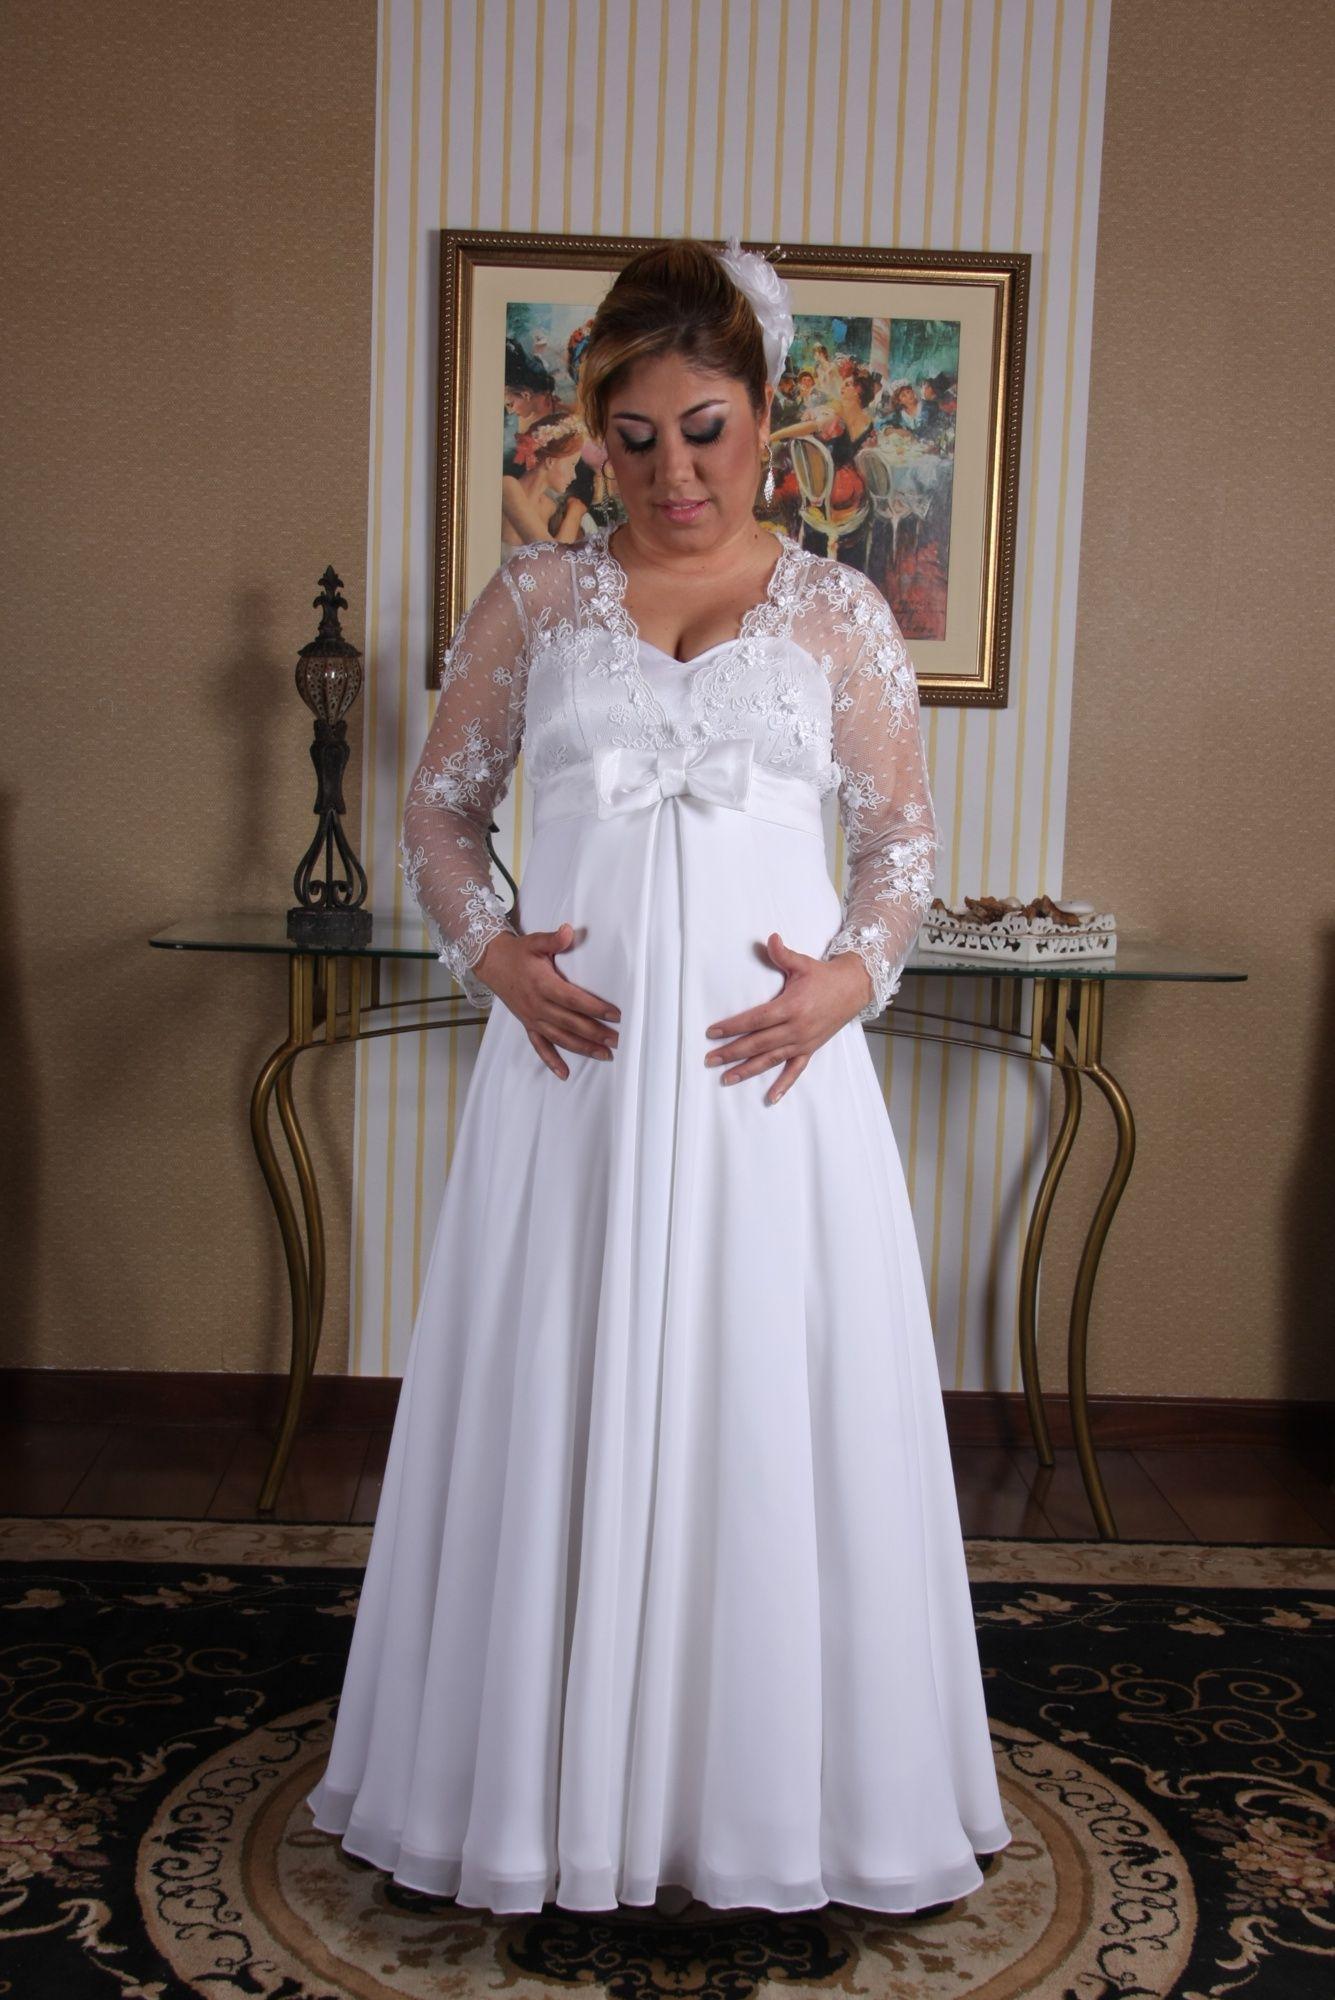 Vestido de Noiva Leve - 4 - Hipnose Alta Costura e Spa para Noivas e Noivos - Campinas - SP Vestido de Noiva, Vestido de Noiva Leve, Hipnose Alta Costura